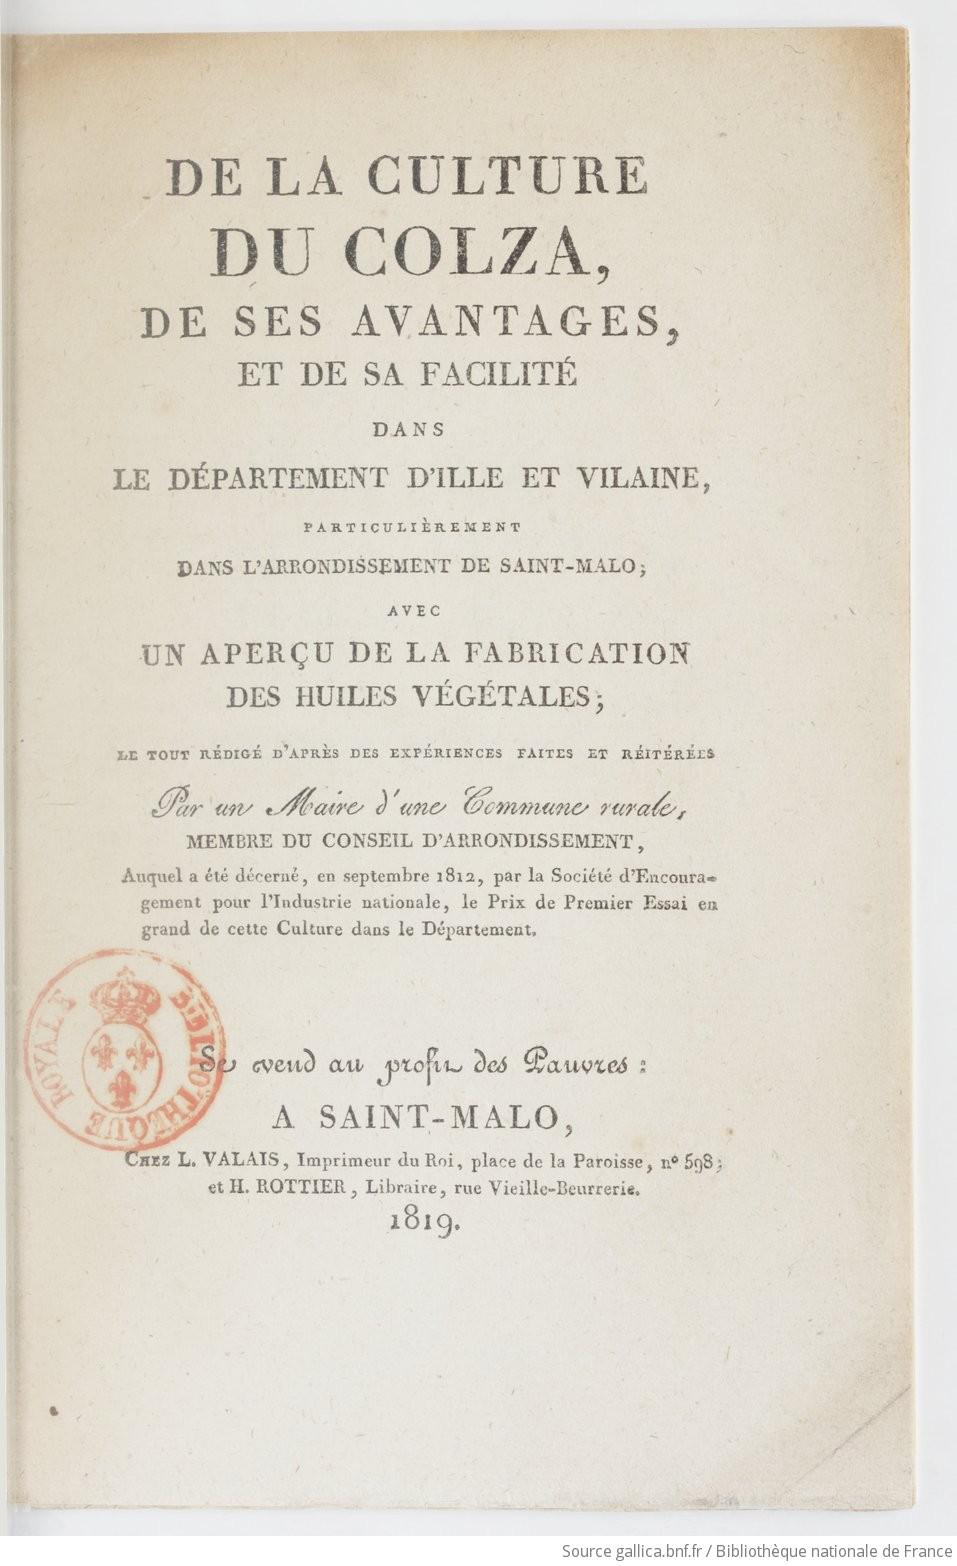 De la culture du colza, de ses avantages, et de sa facilité dans le département d'Ille et Vilaine, particulièrement dans l'arrondissement de Saint-Malo ... Par un maire d'une commune rurale...  